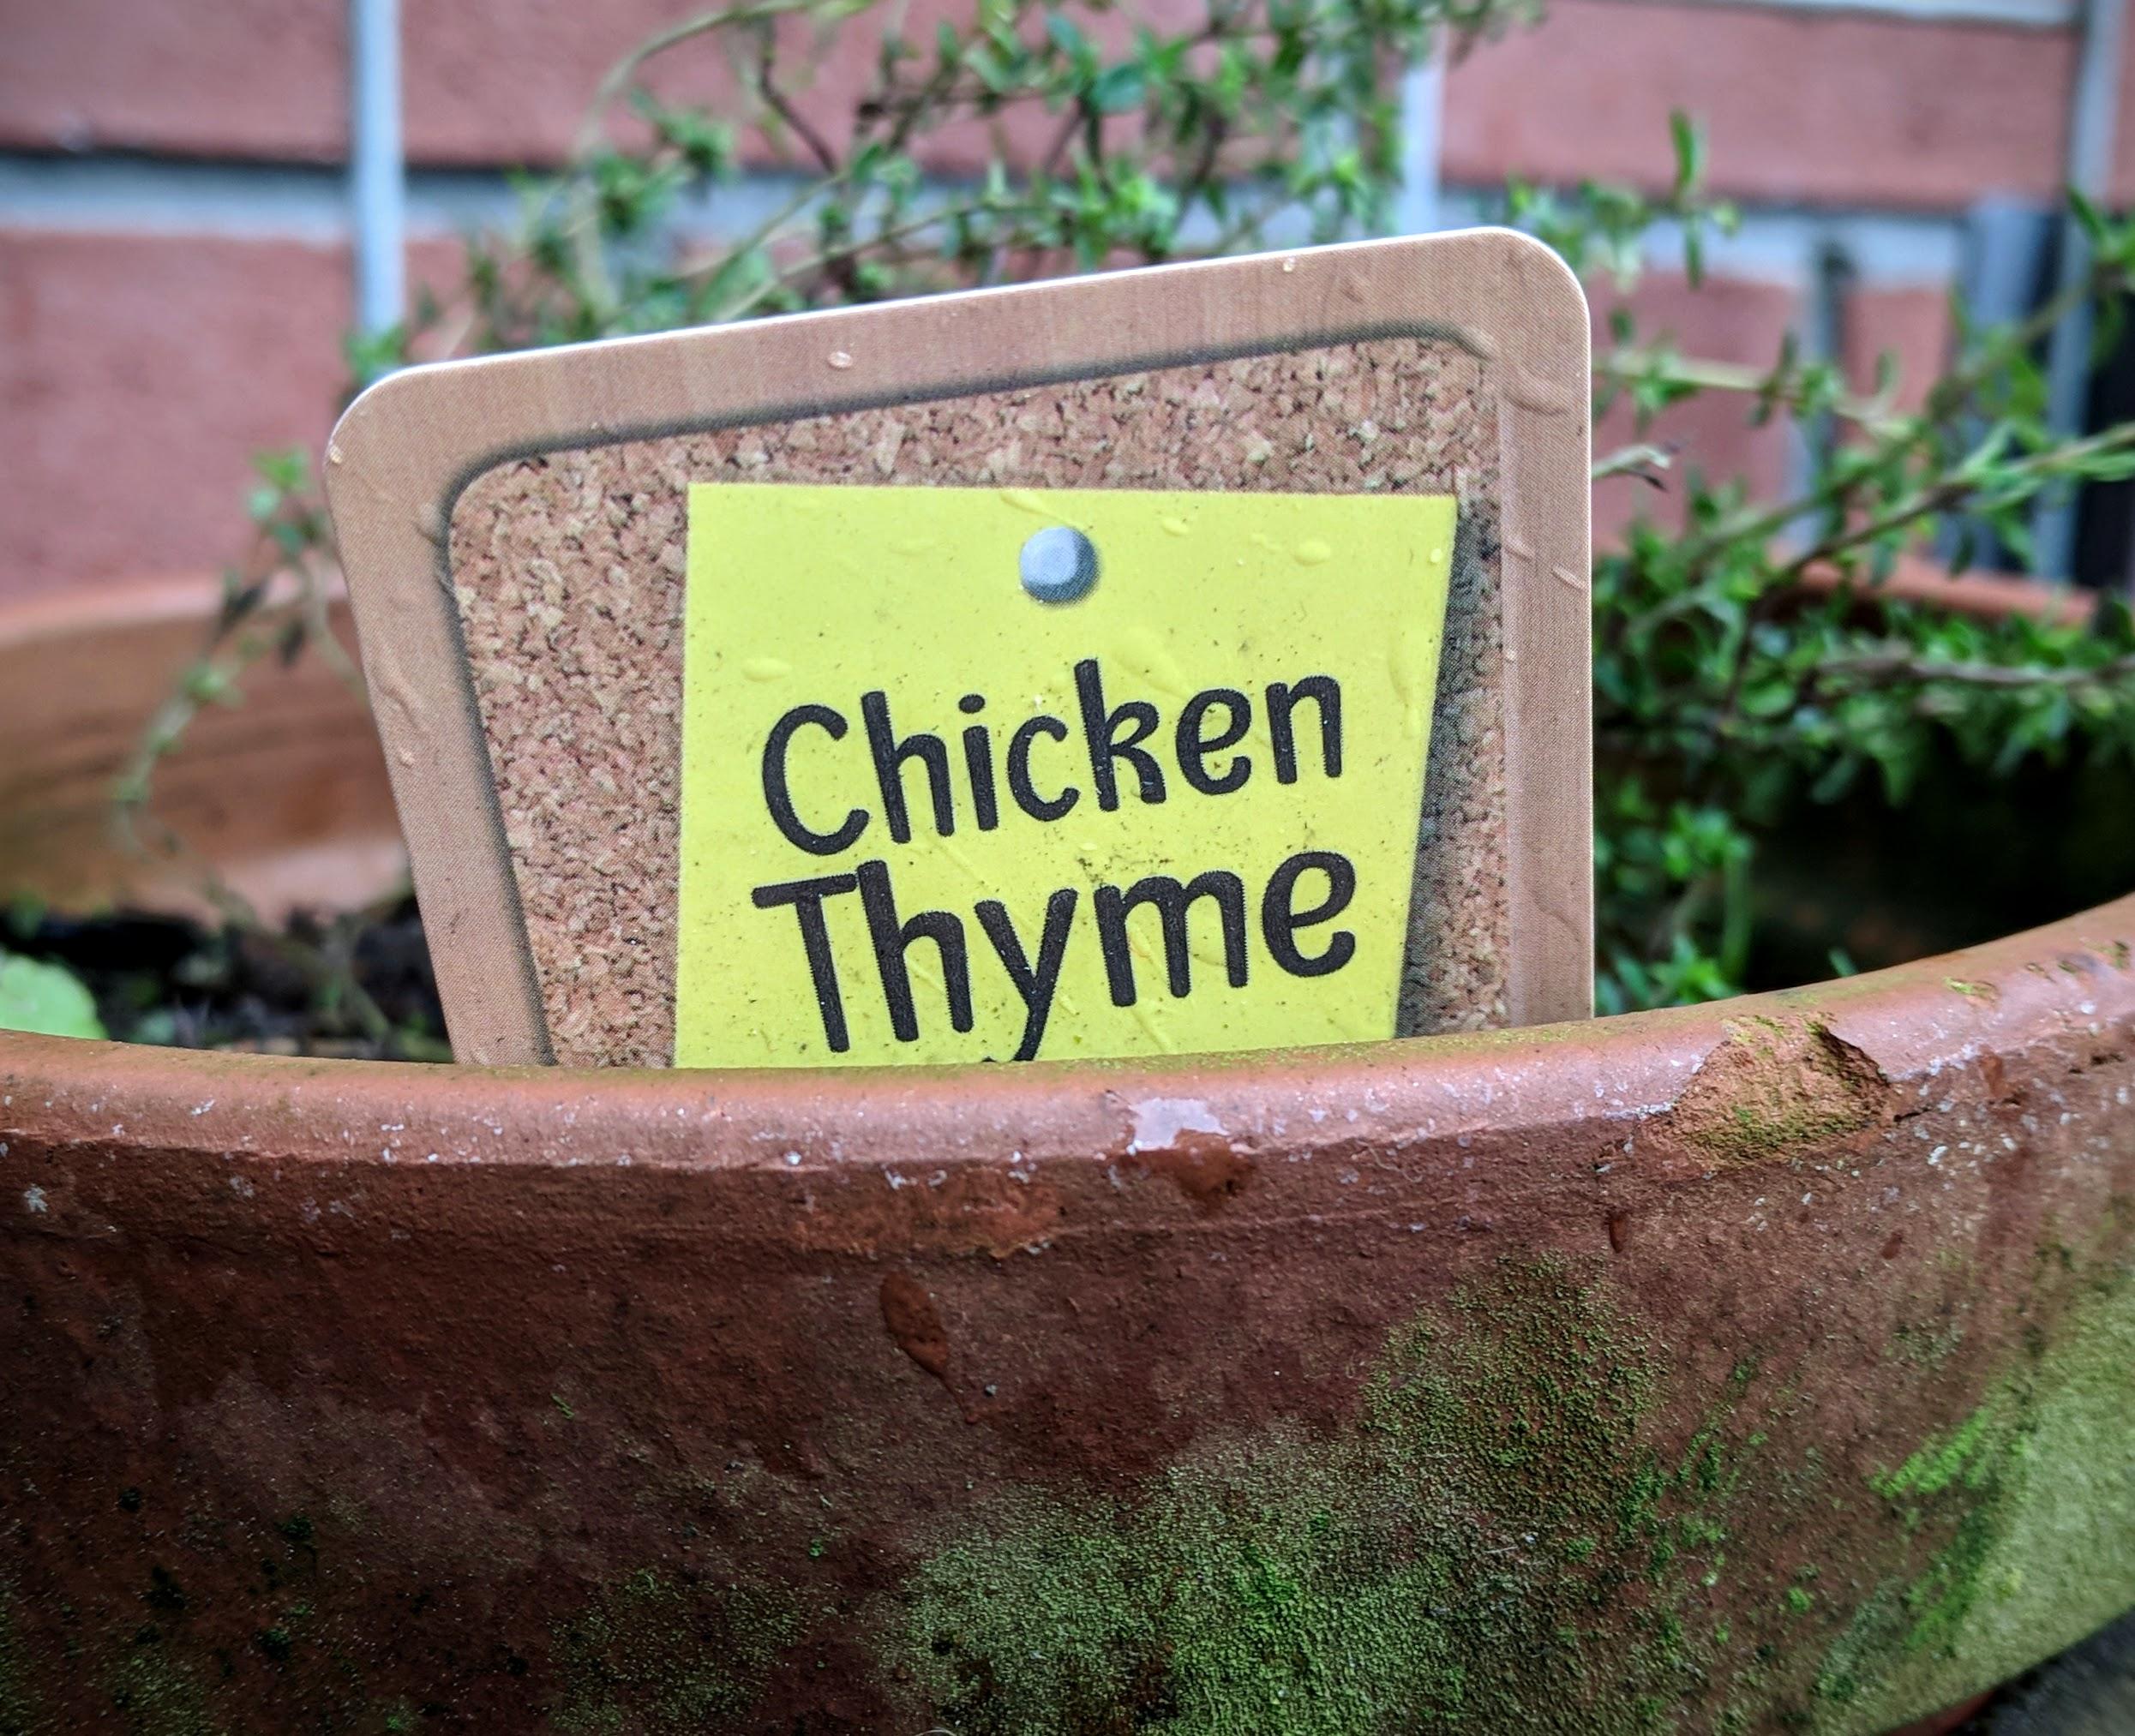 Chicken thyme label